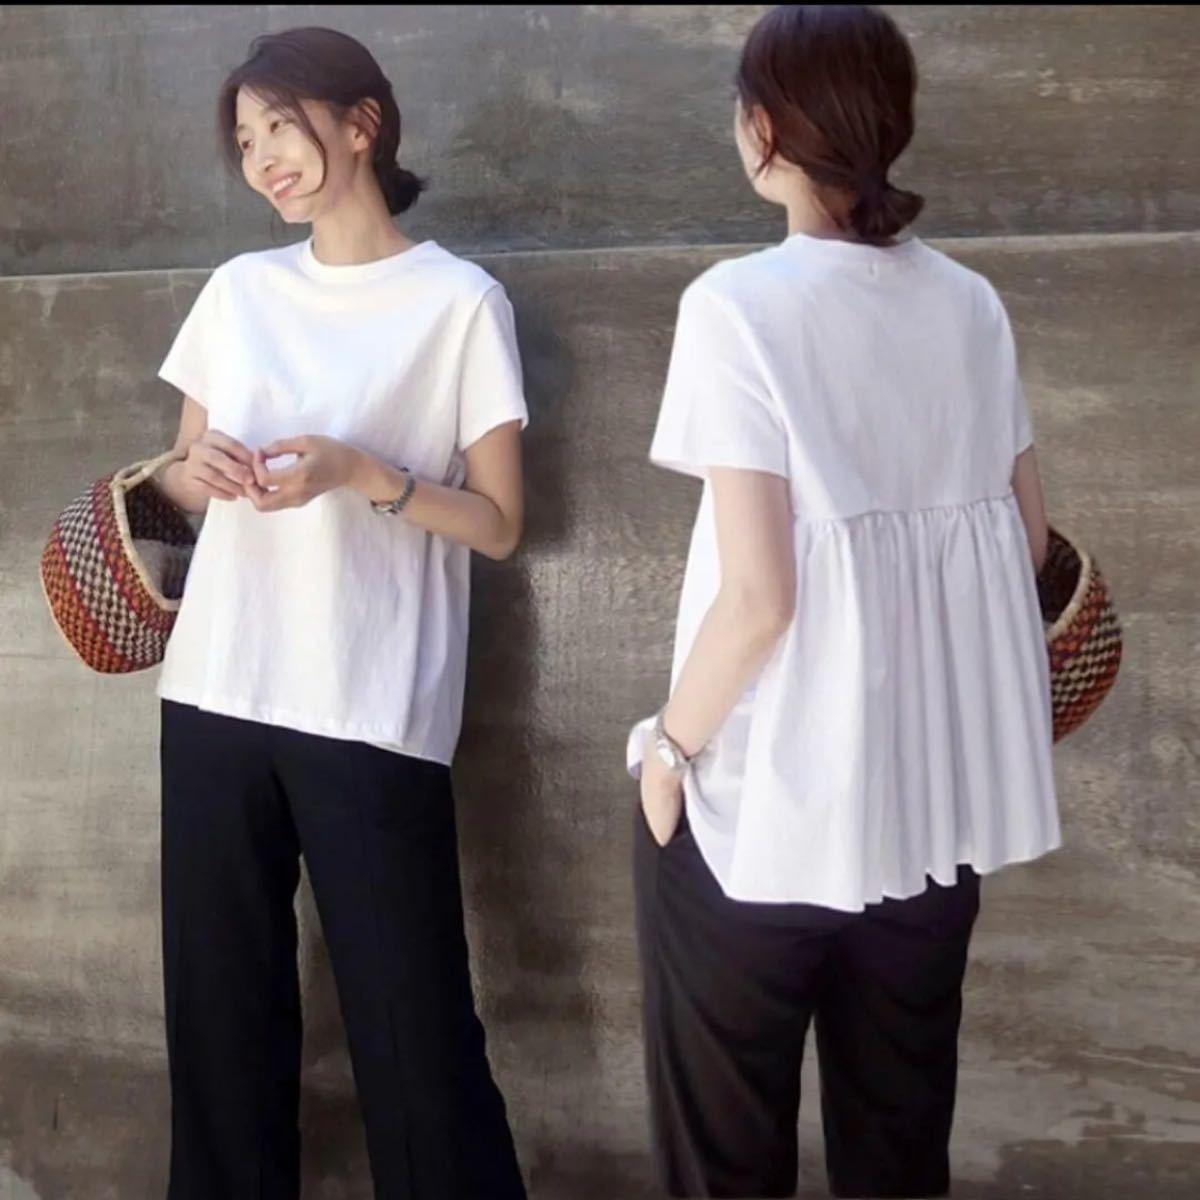 ★新品★Tシャツ 半袖 レディース カットソー トップス バックフレア 白 M